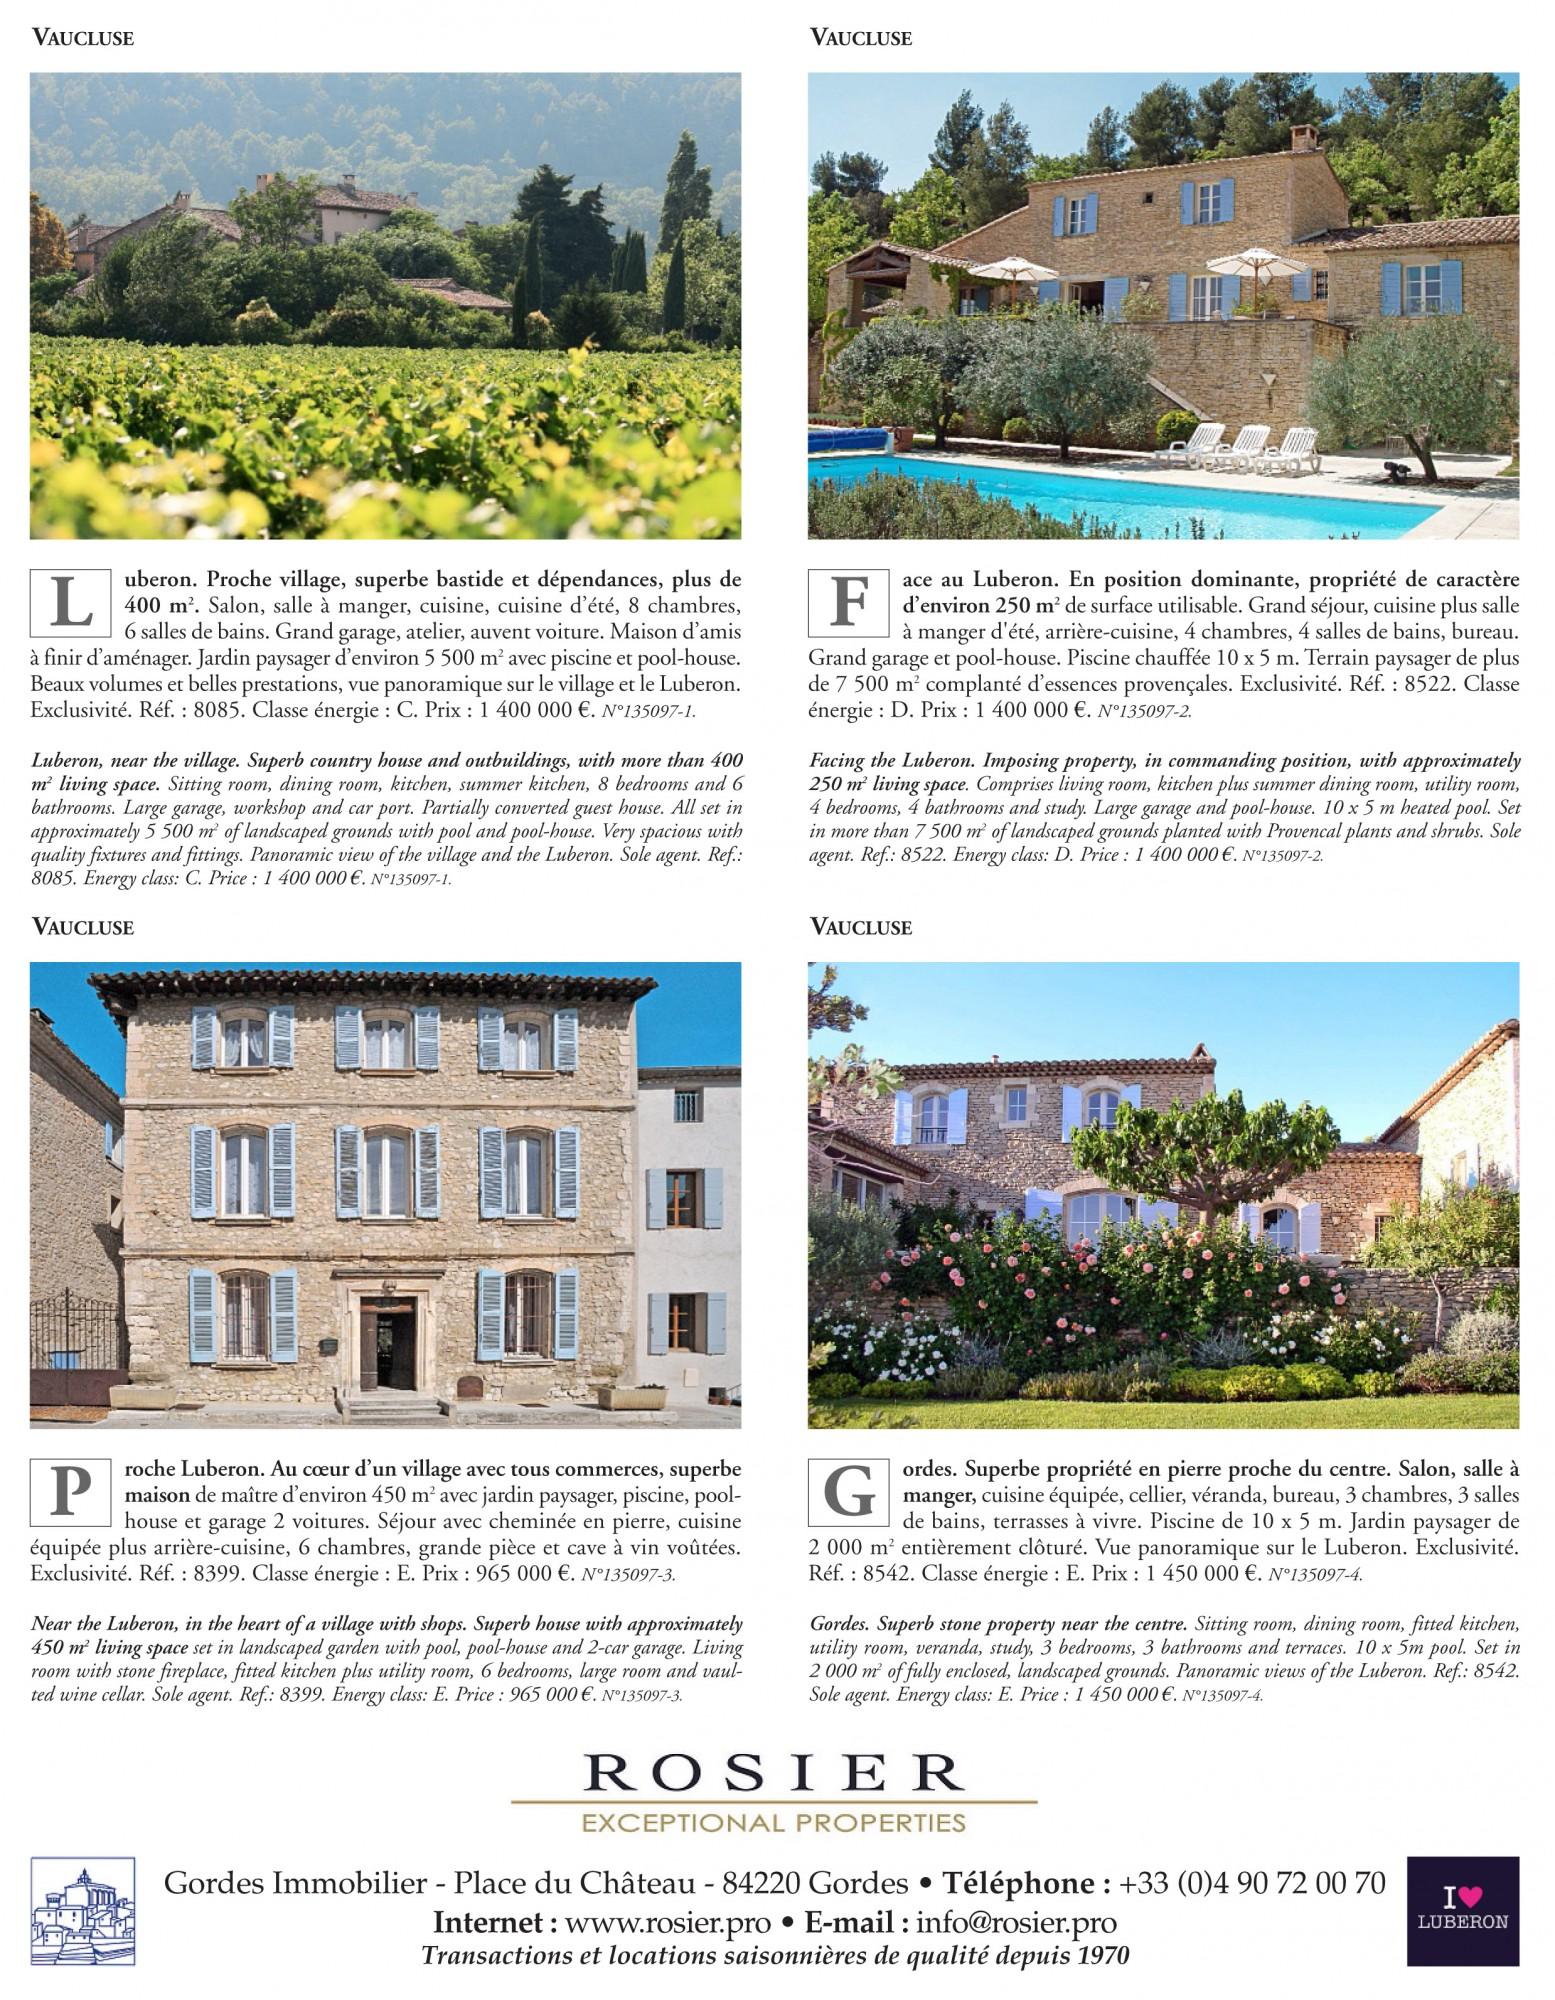 C Maison Et Jardin Magazine realty magazine: proprietes de france - rosier